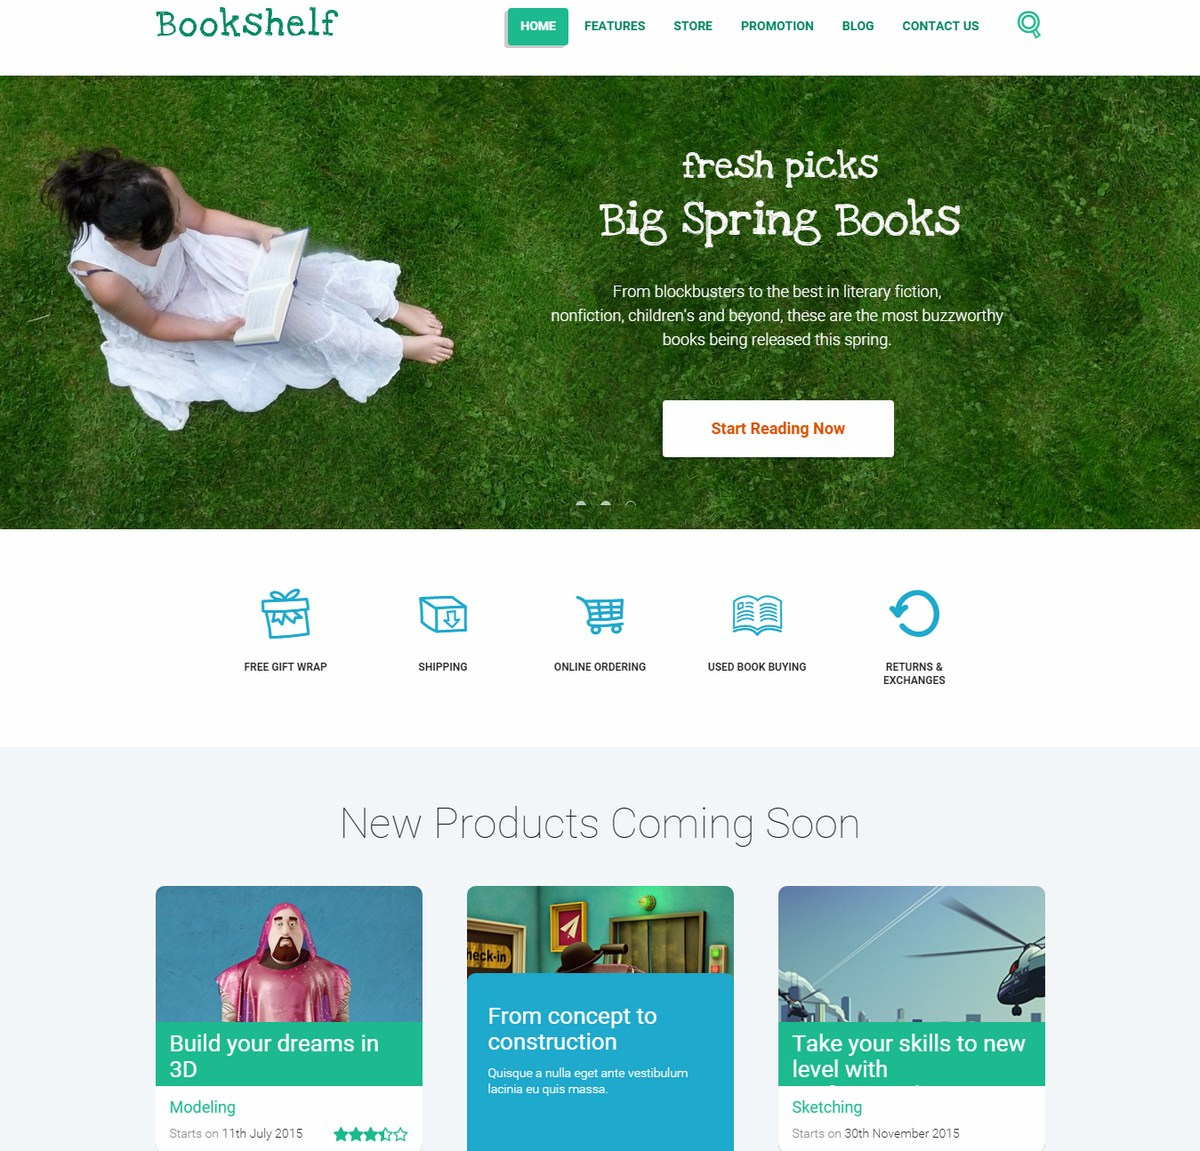 Mẫu Website bán hàng - BÁN SÁCH - Bookshelf